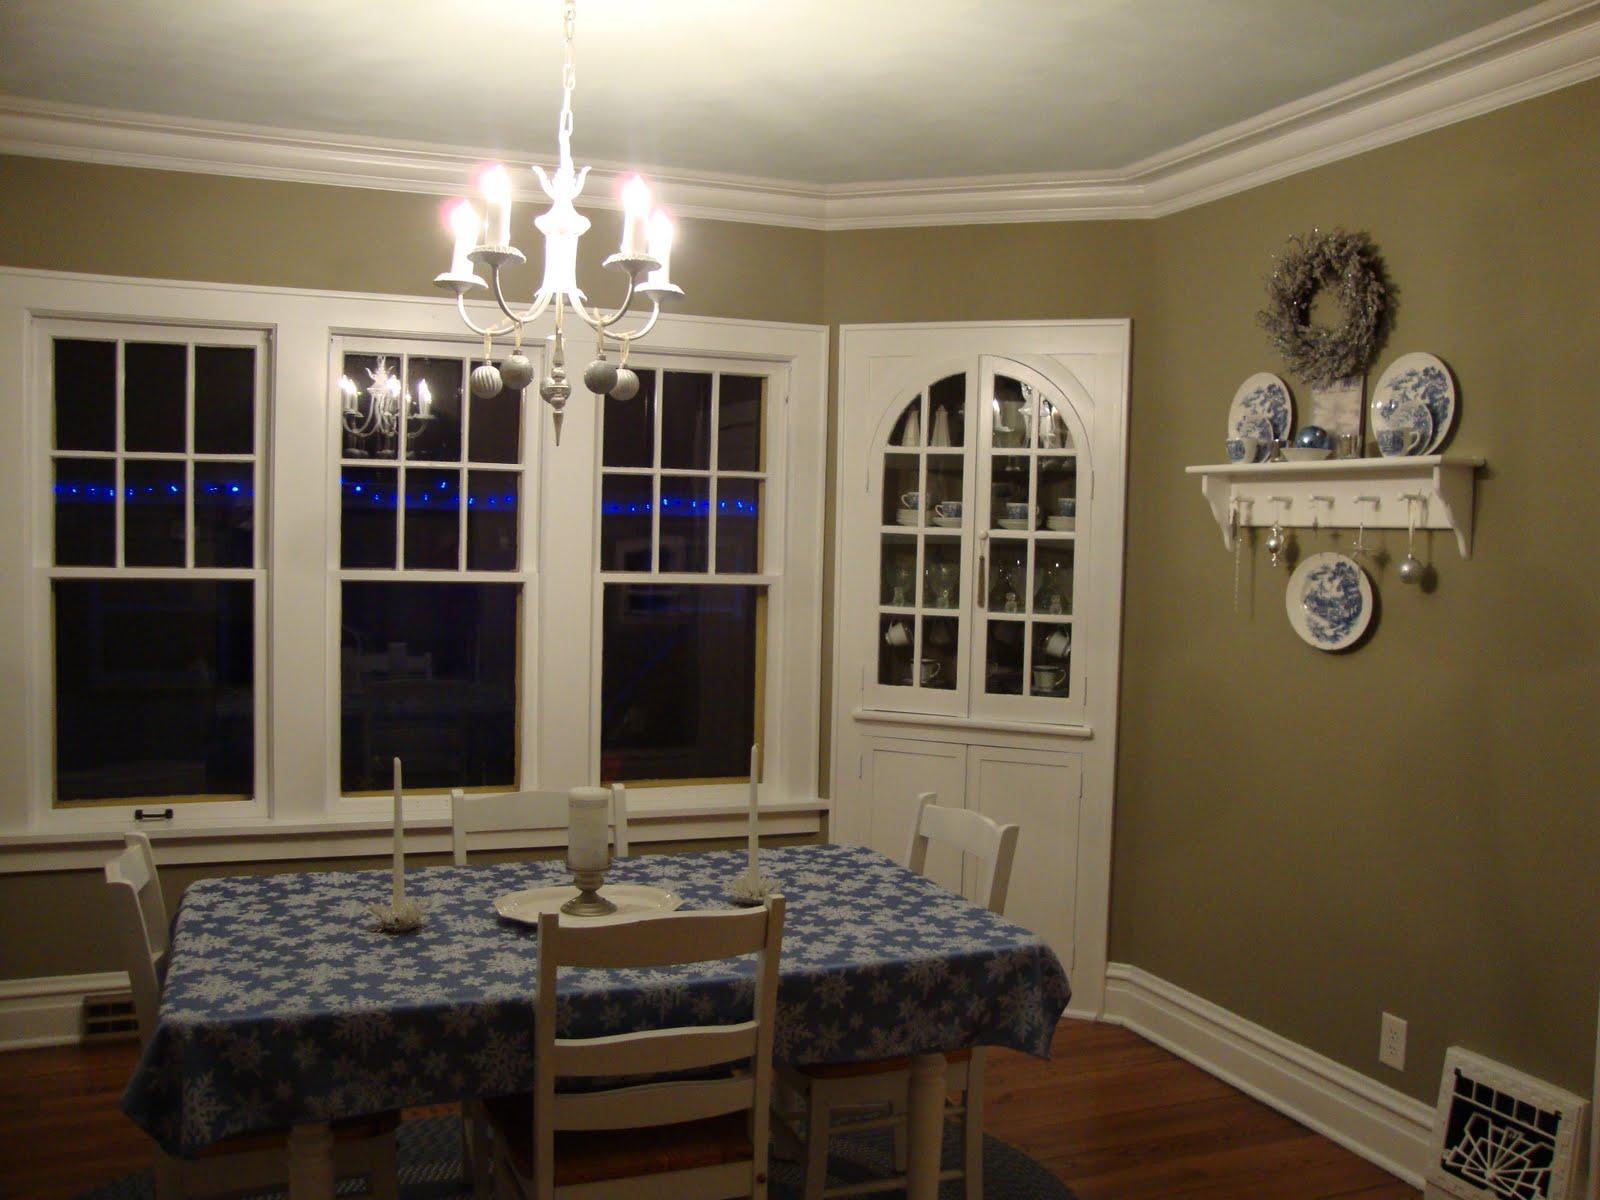 J&K Homestead: Dining Room Decor: Wall #1